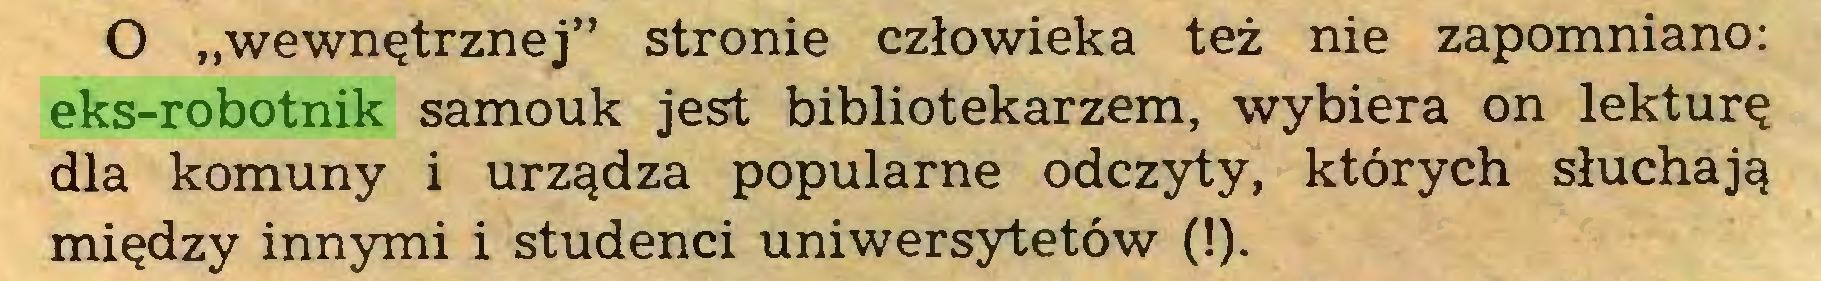 """(...) O """"wewnętrznej"""" stronie człowieka też nie zapomniano: eks-robotnik samouk jest bibliotekarzem, wybiera on lekturę dla komuny i urządza popularne odczyty, których słuchają między innymi i studenci uniwersytetów (!)..."""